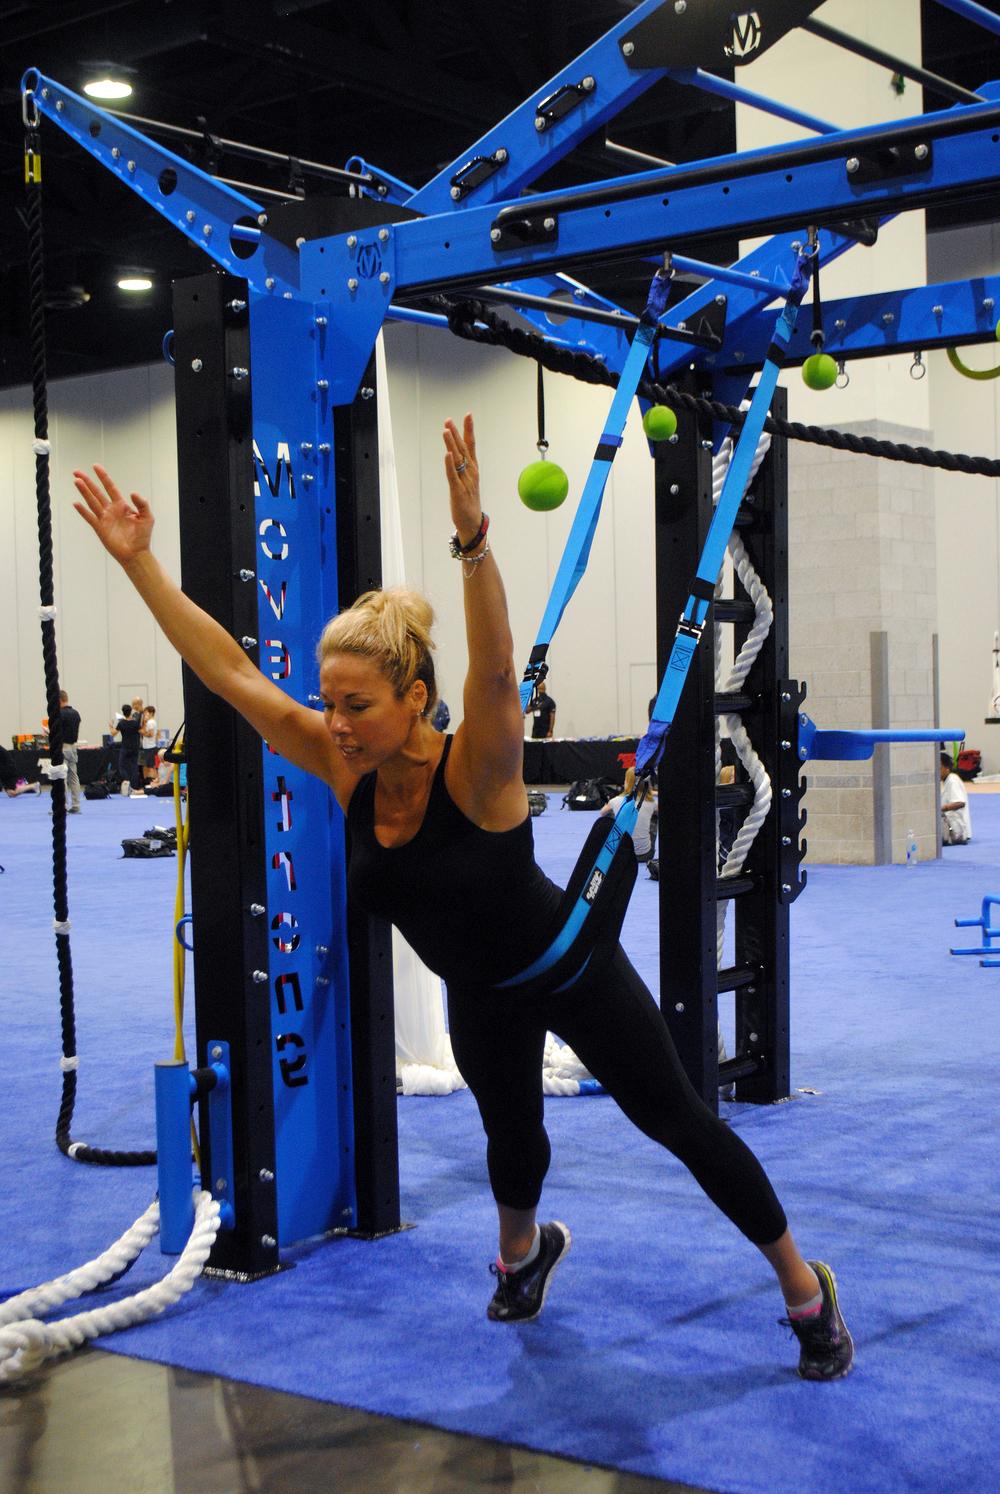 Elevate Trainer belt suspension core exercise